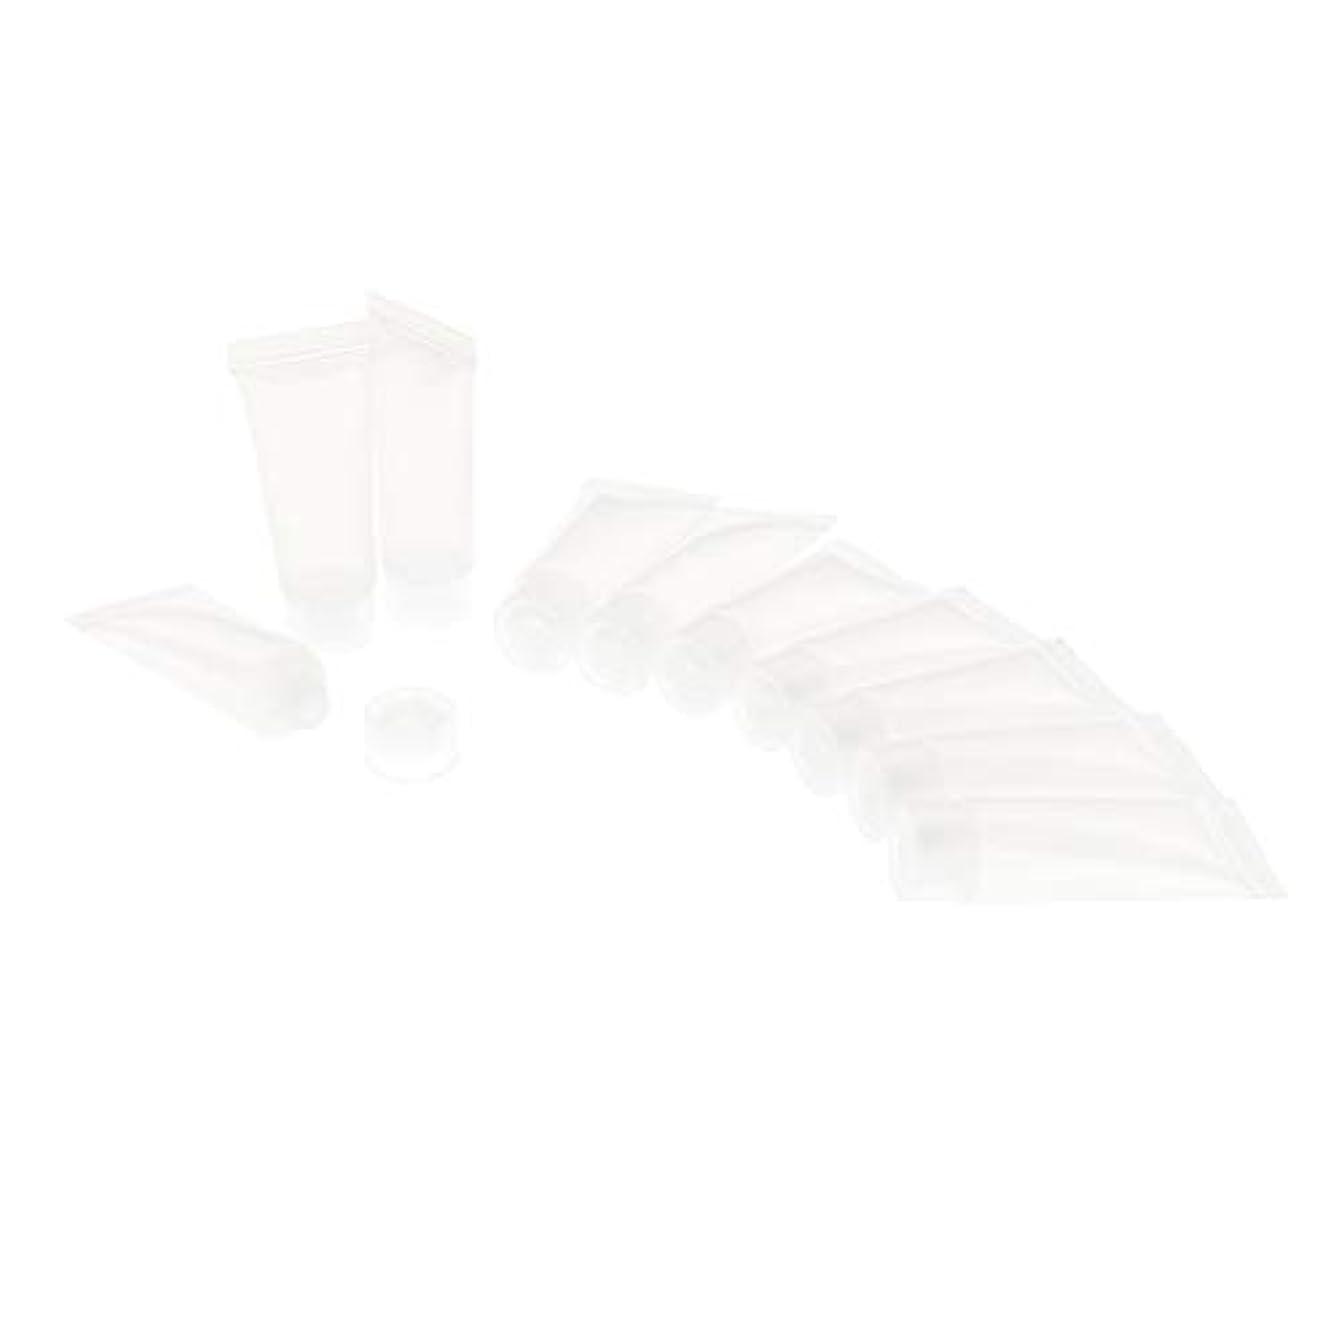 口頭喜劇王朝DYNWAVE ソフトチューブ スクイズボトル 化粧品 スクイズチューブ 詰め替えボトル 小分け容器 3色選べ - クリア